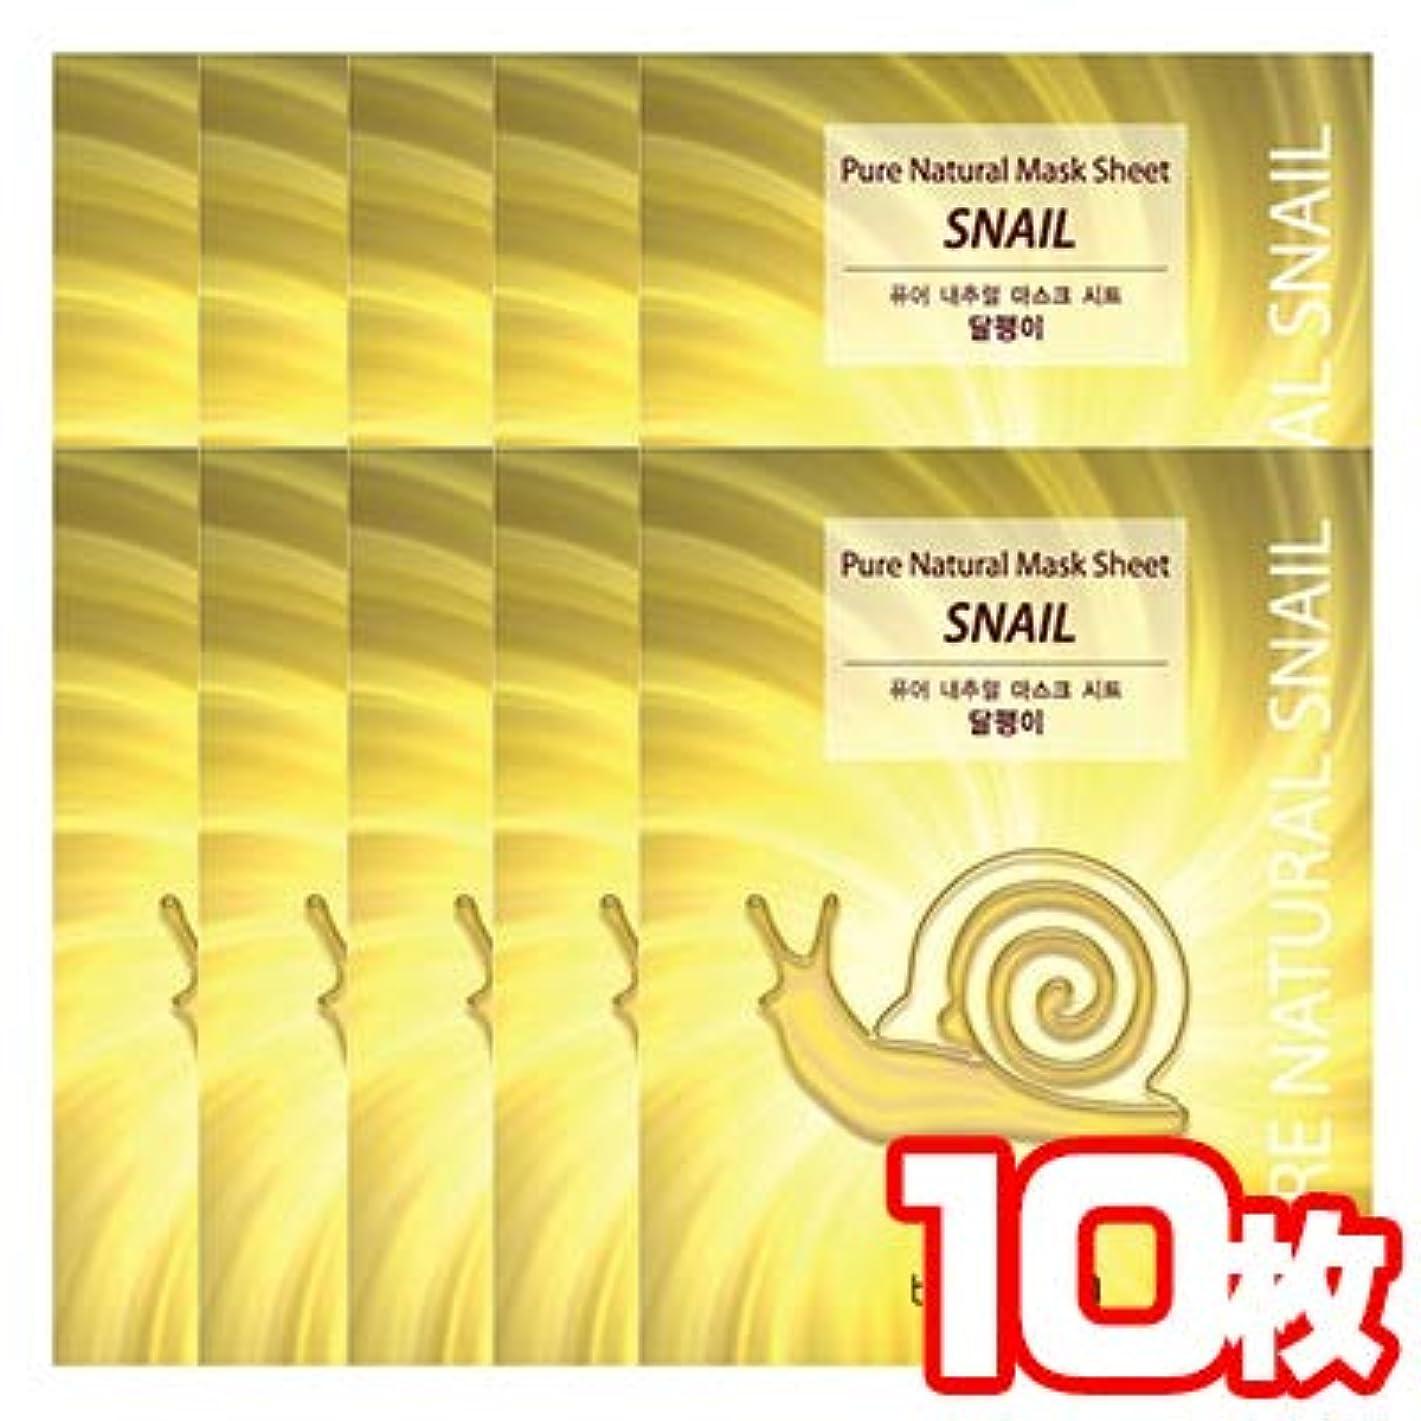 ホース水を飲む窒息させるザセム ピュア ナチュラル マスクシート 3類 Pure Natural Mask Sheet 20mlx10枚 (スネイル(10枚))